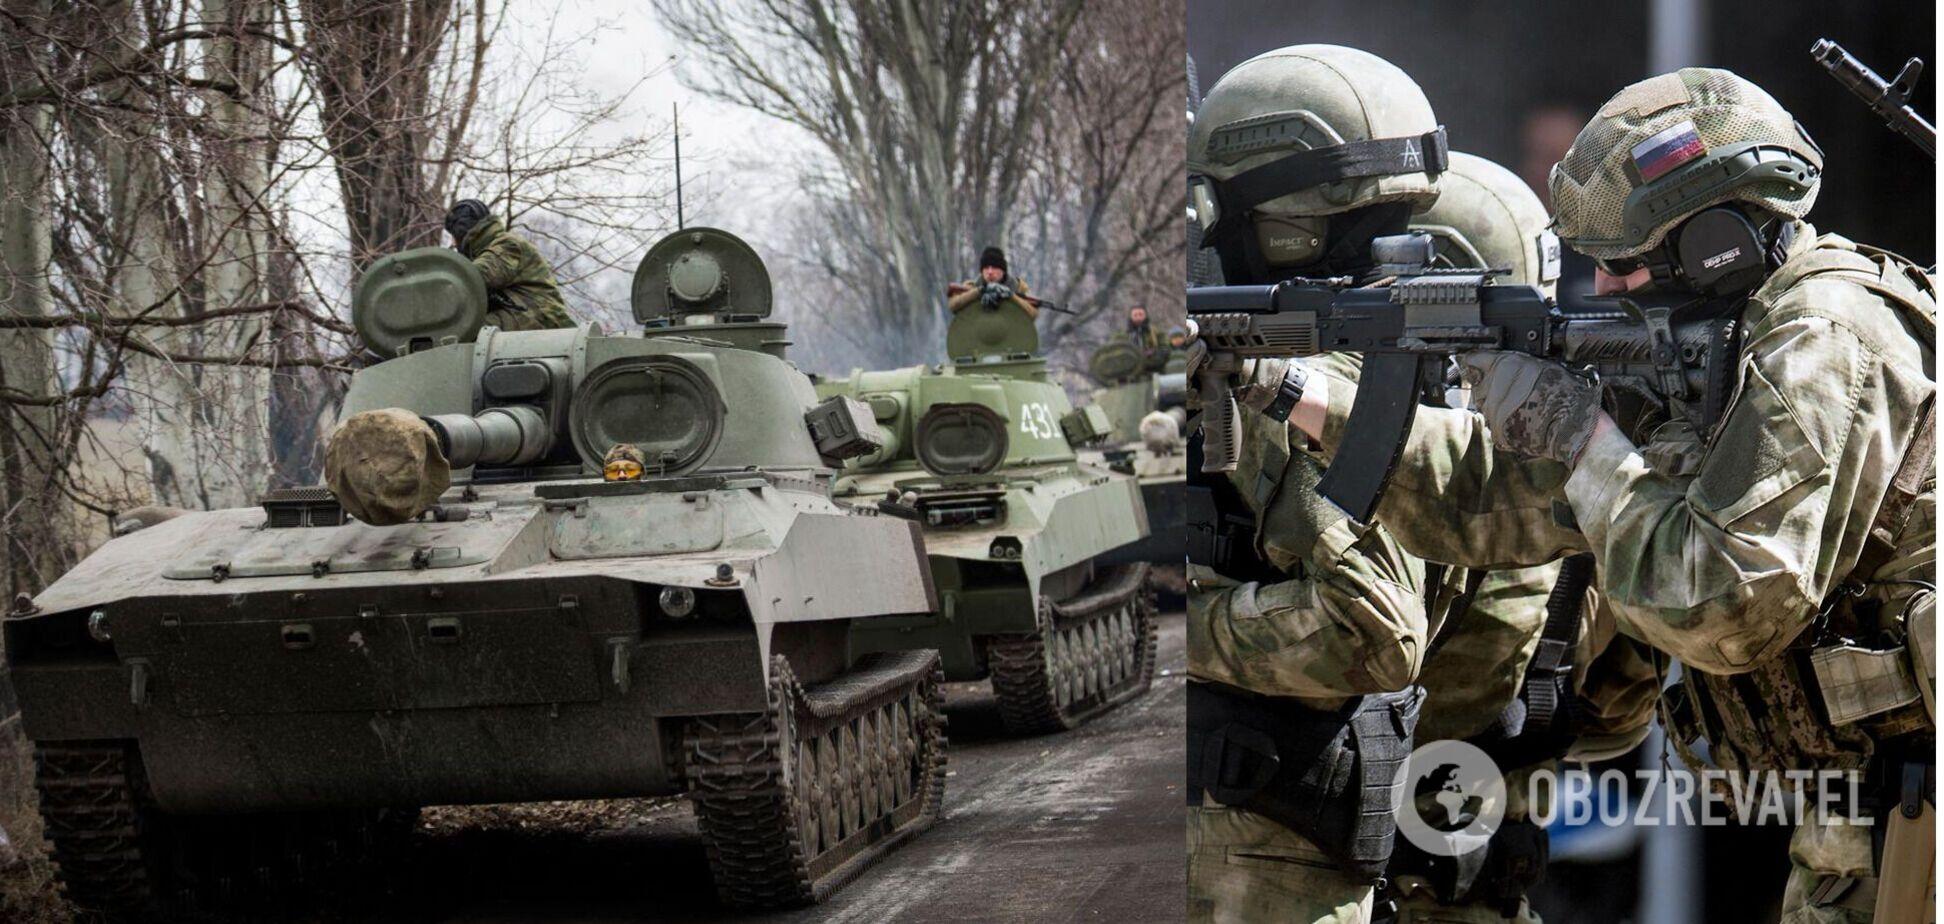 Планируется расширение российского военного присутствия на Донбассе